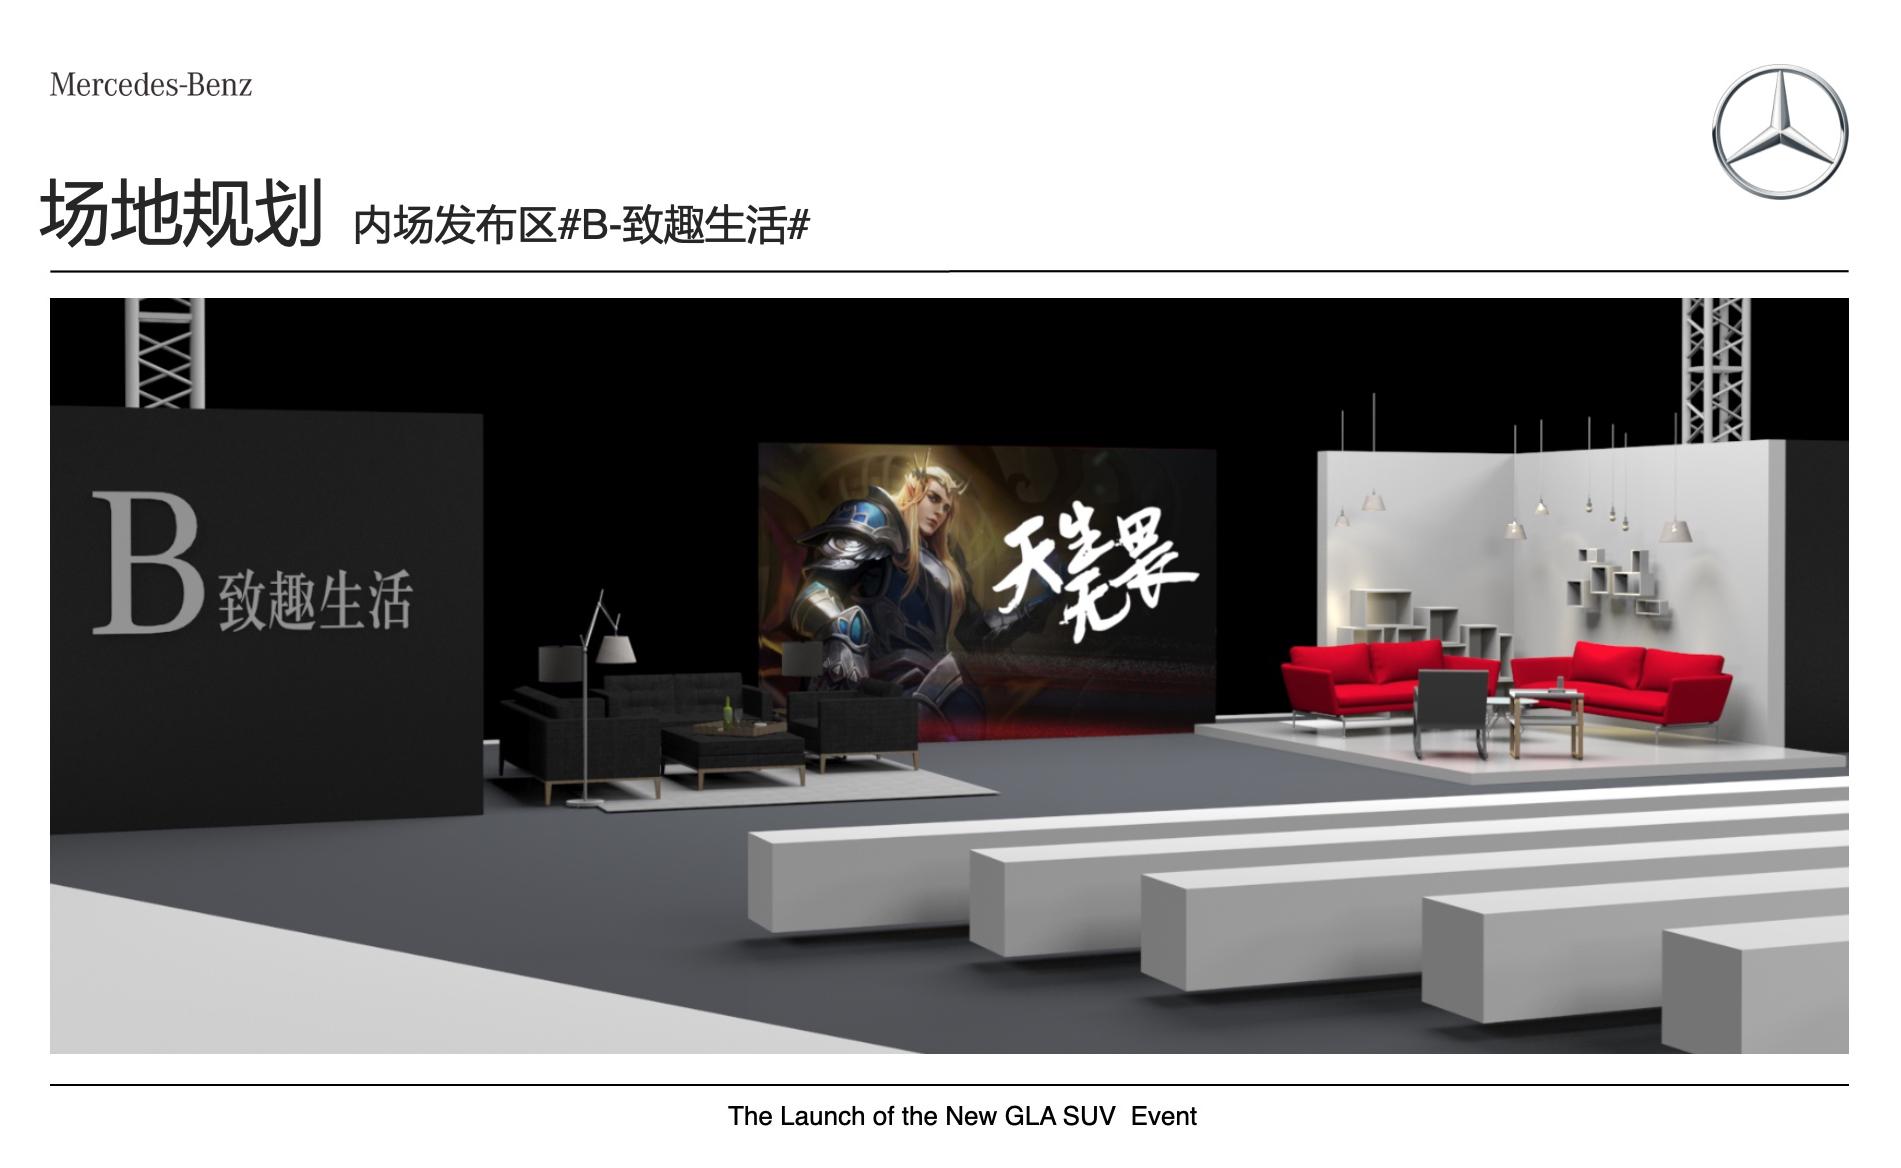 奔驰新品上市活动-活动场地设计-杭州达岸品牌策划设计公司